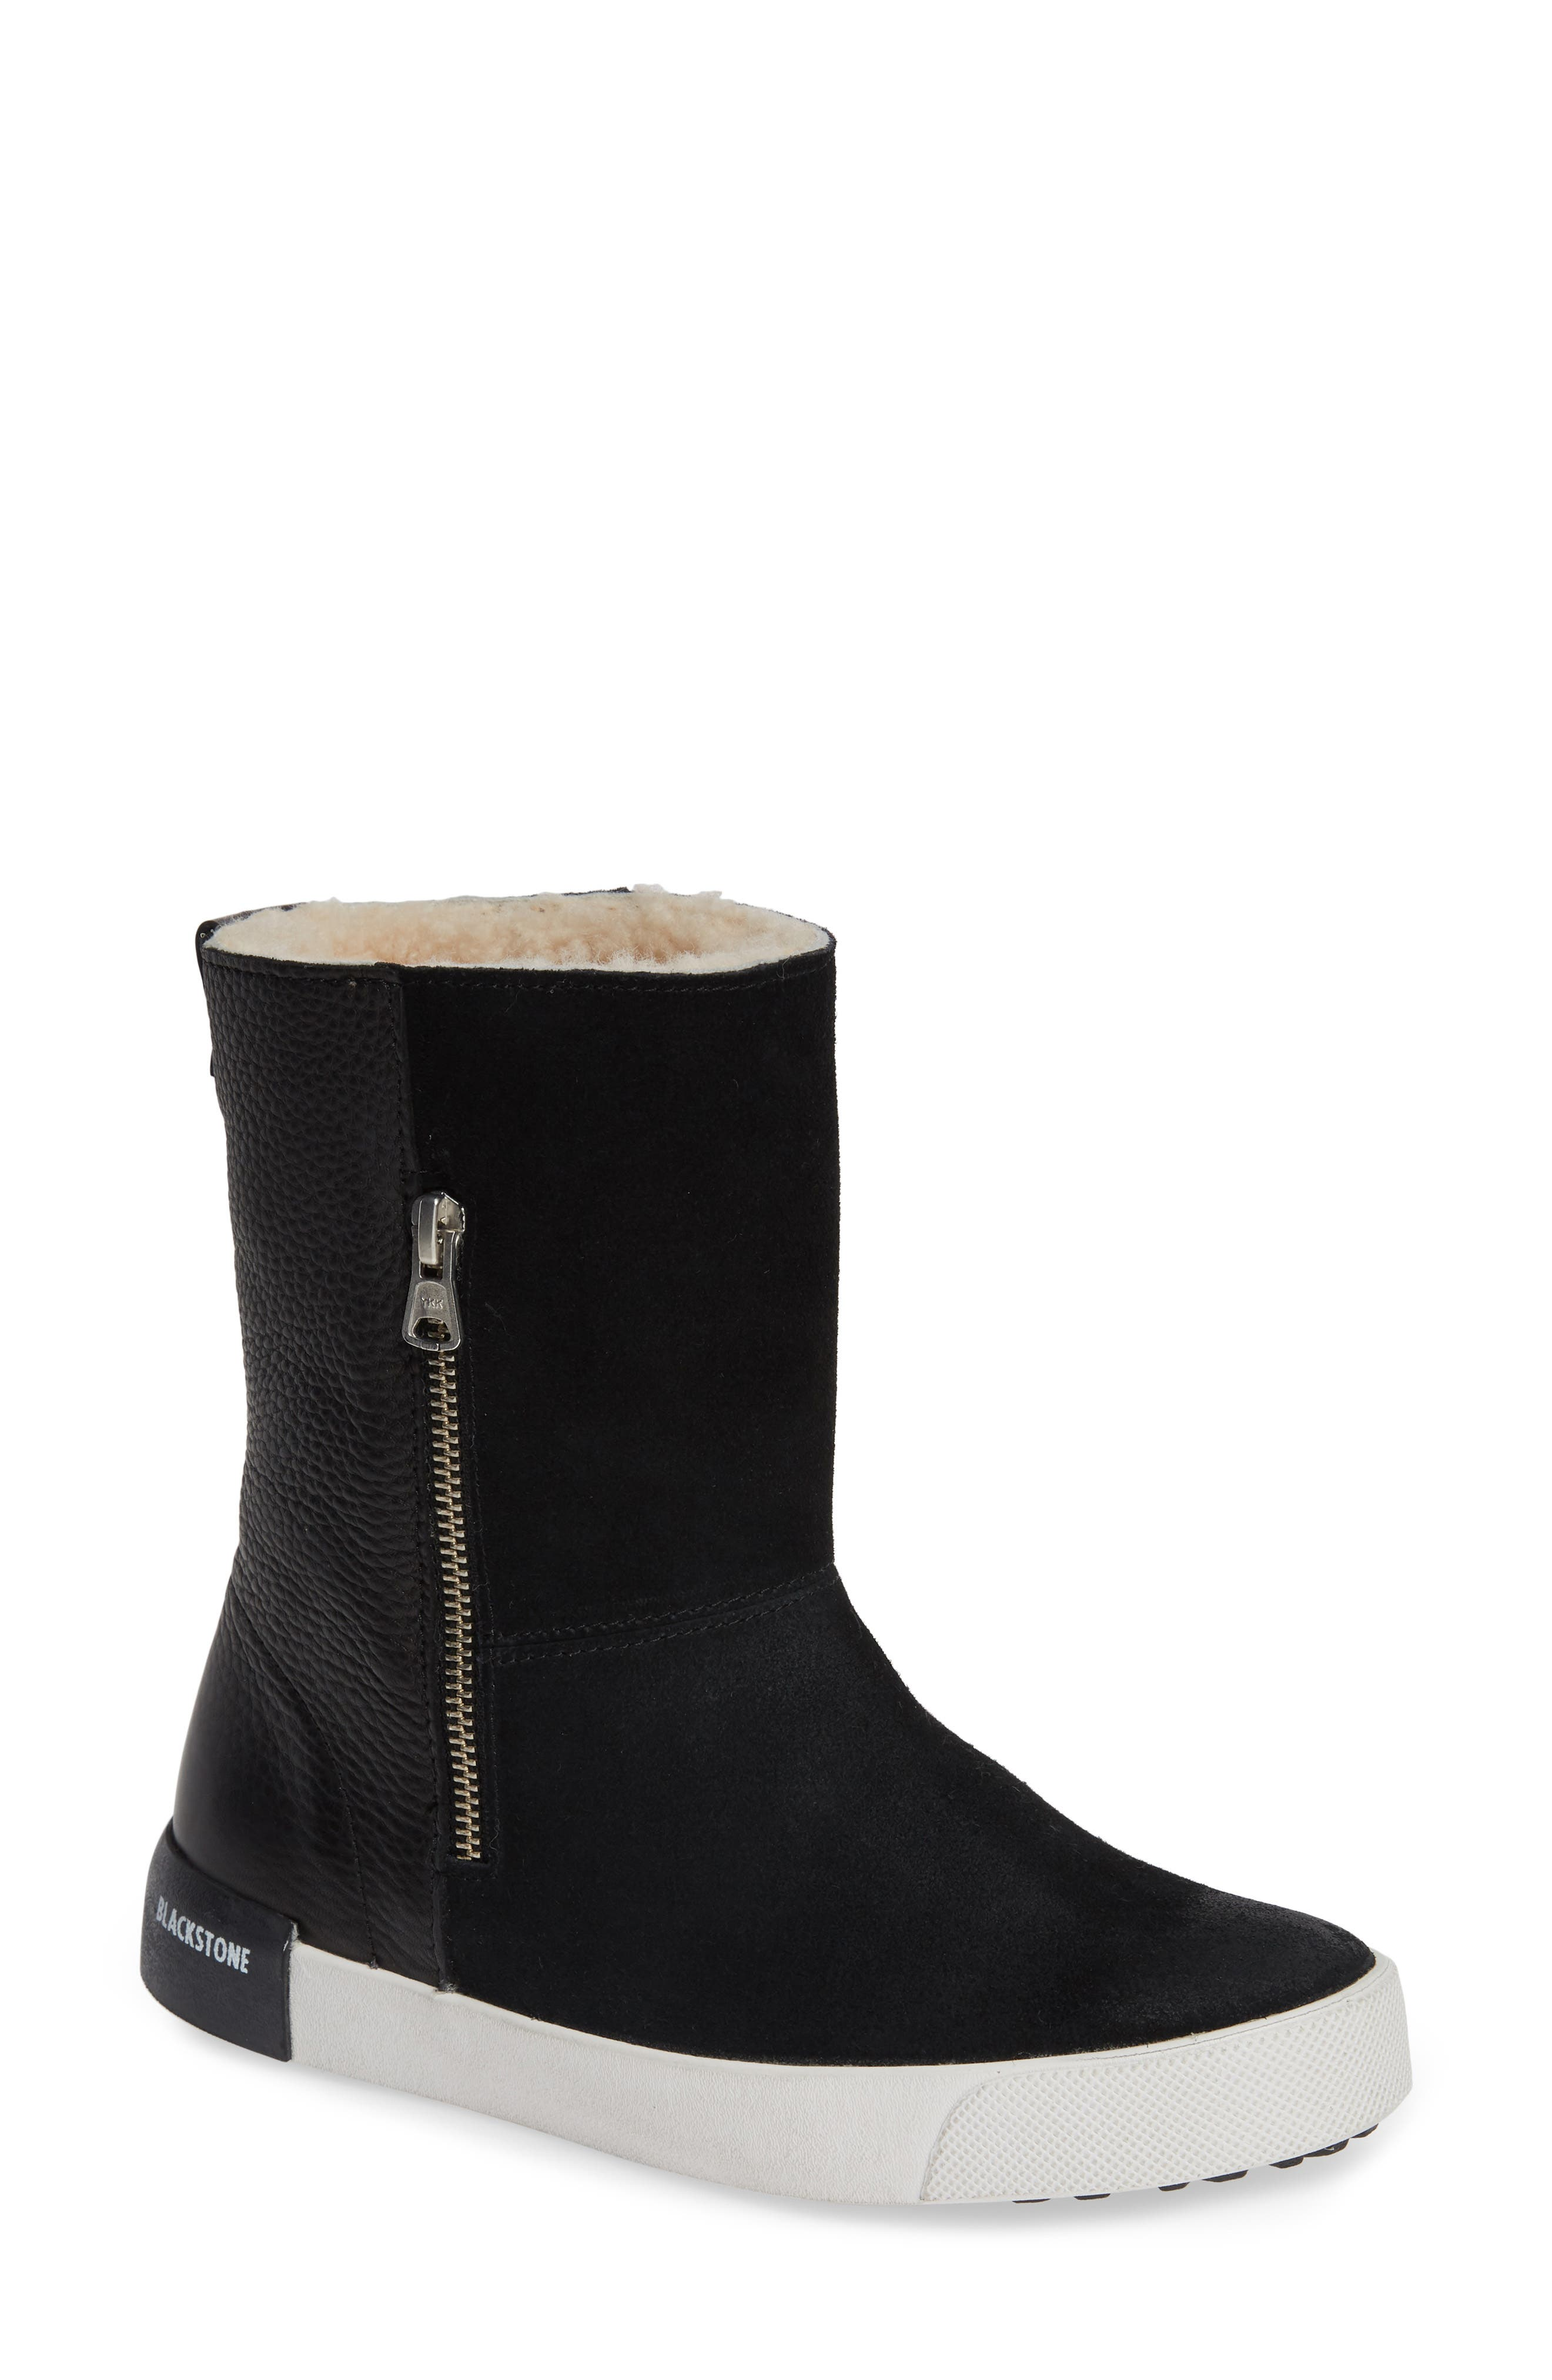 Blackstone Ql40 Genuine Shearling Lined Boot, Black